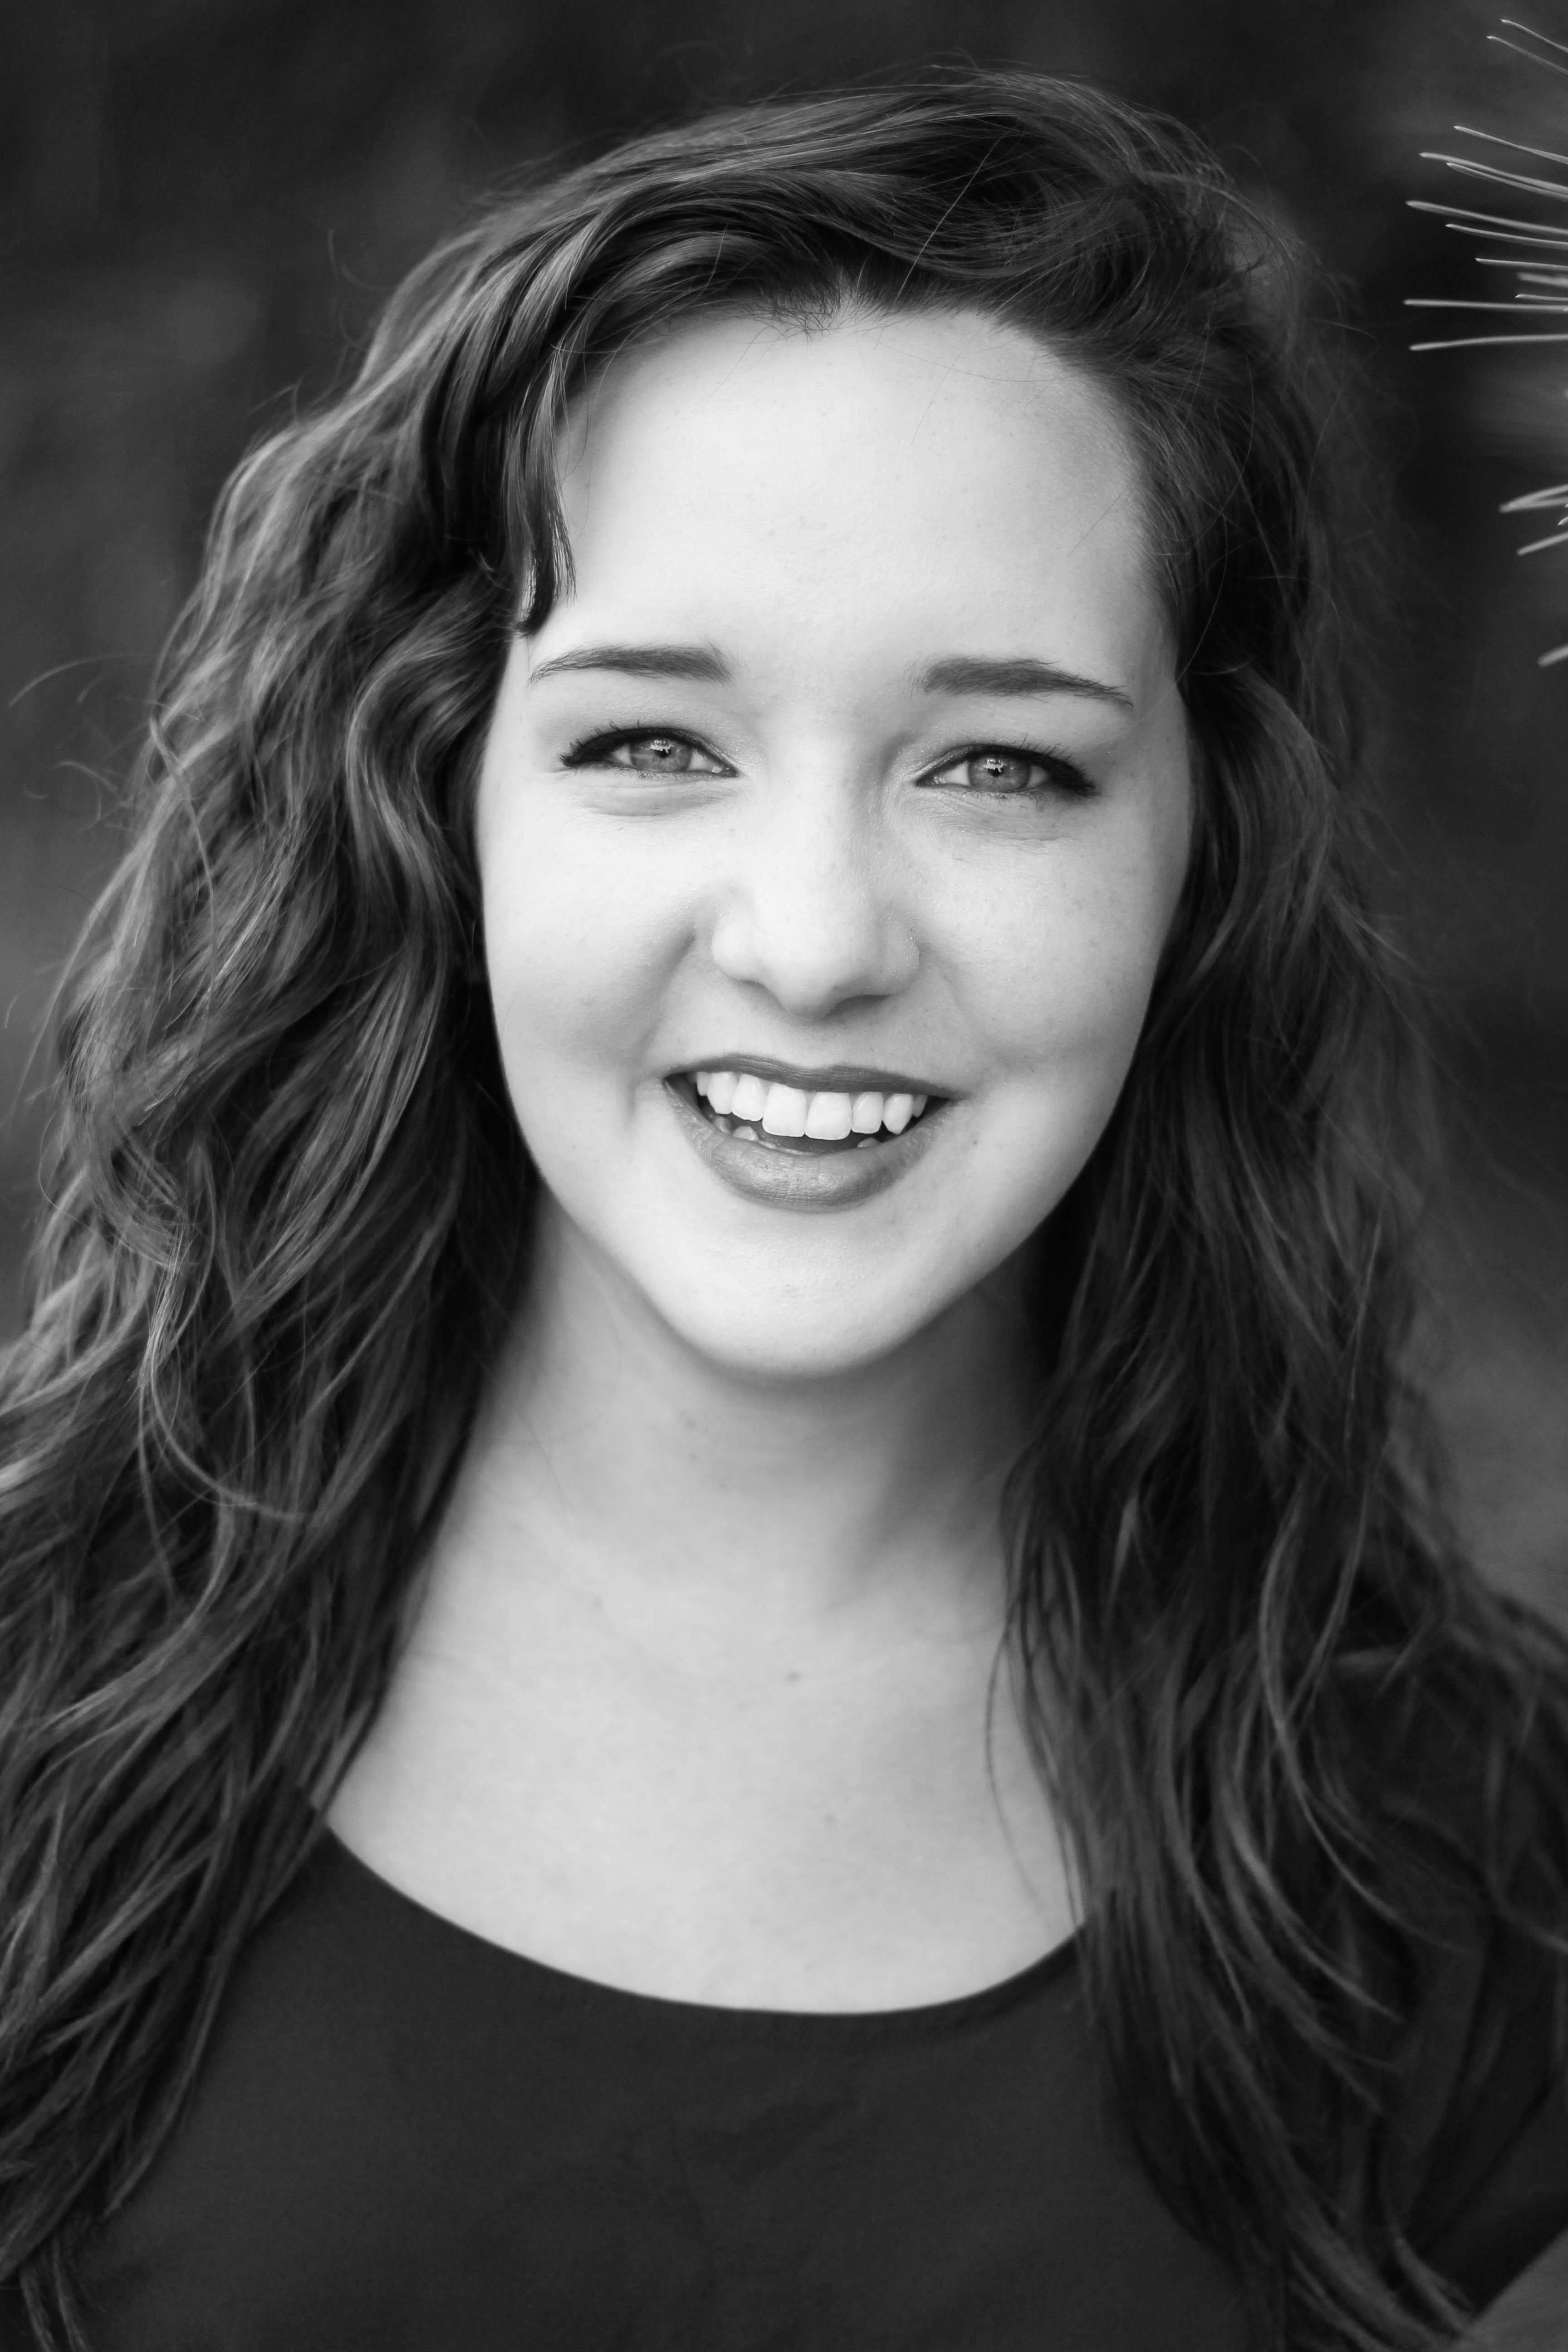 Megan Castleberry